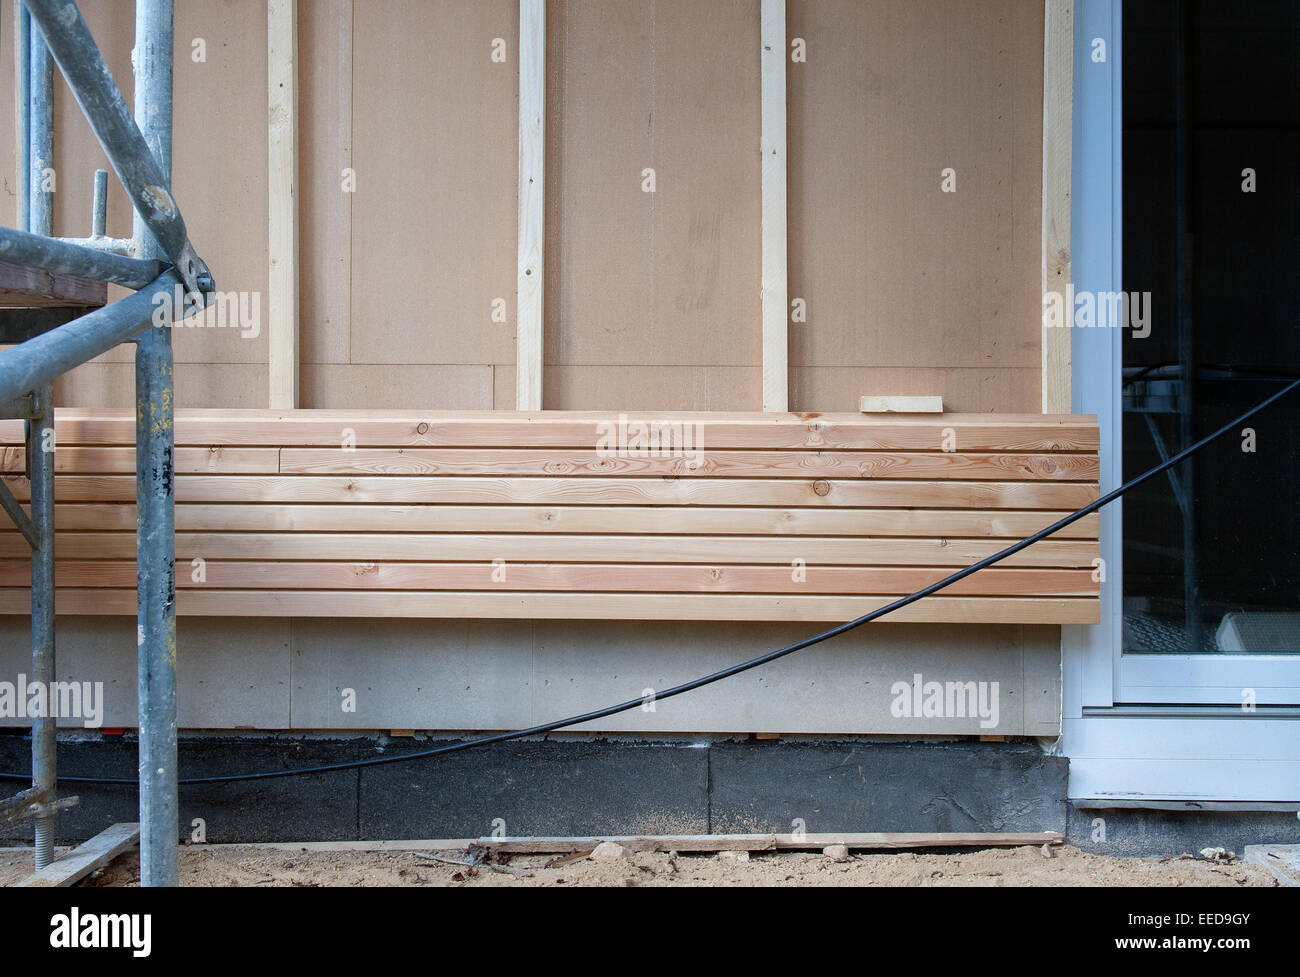 berlin, deutschland, holz verkleidung einer außenwand stockfoto